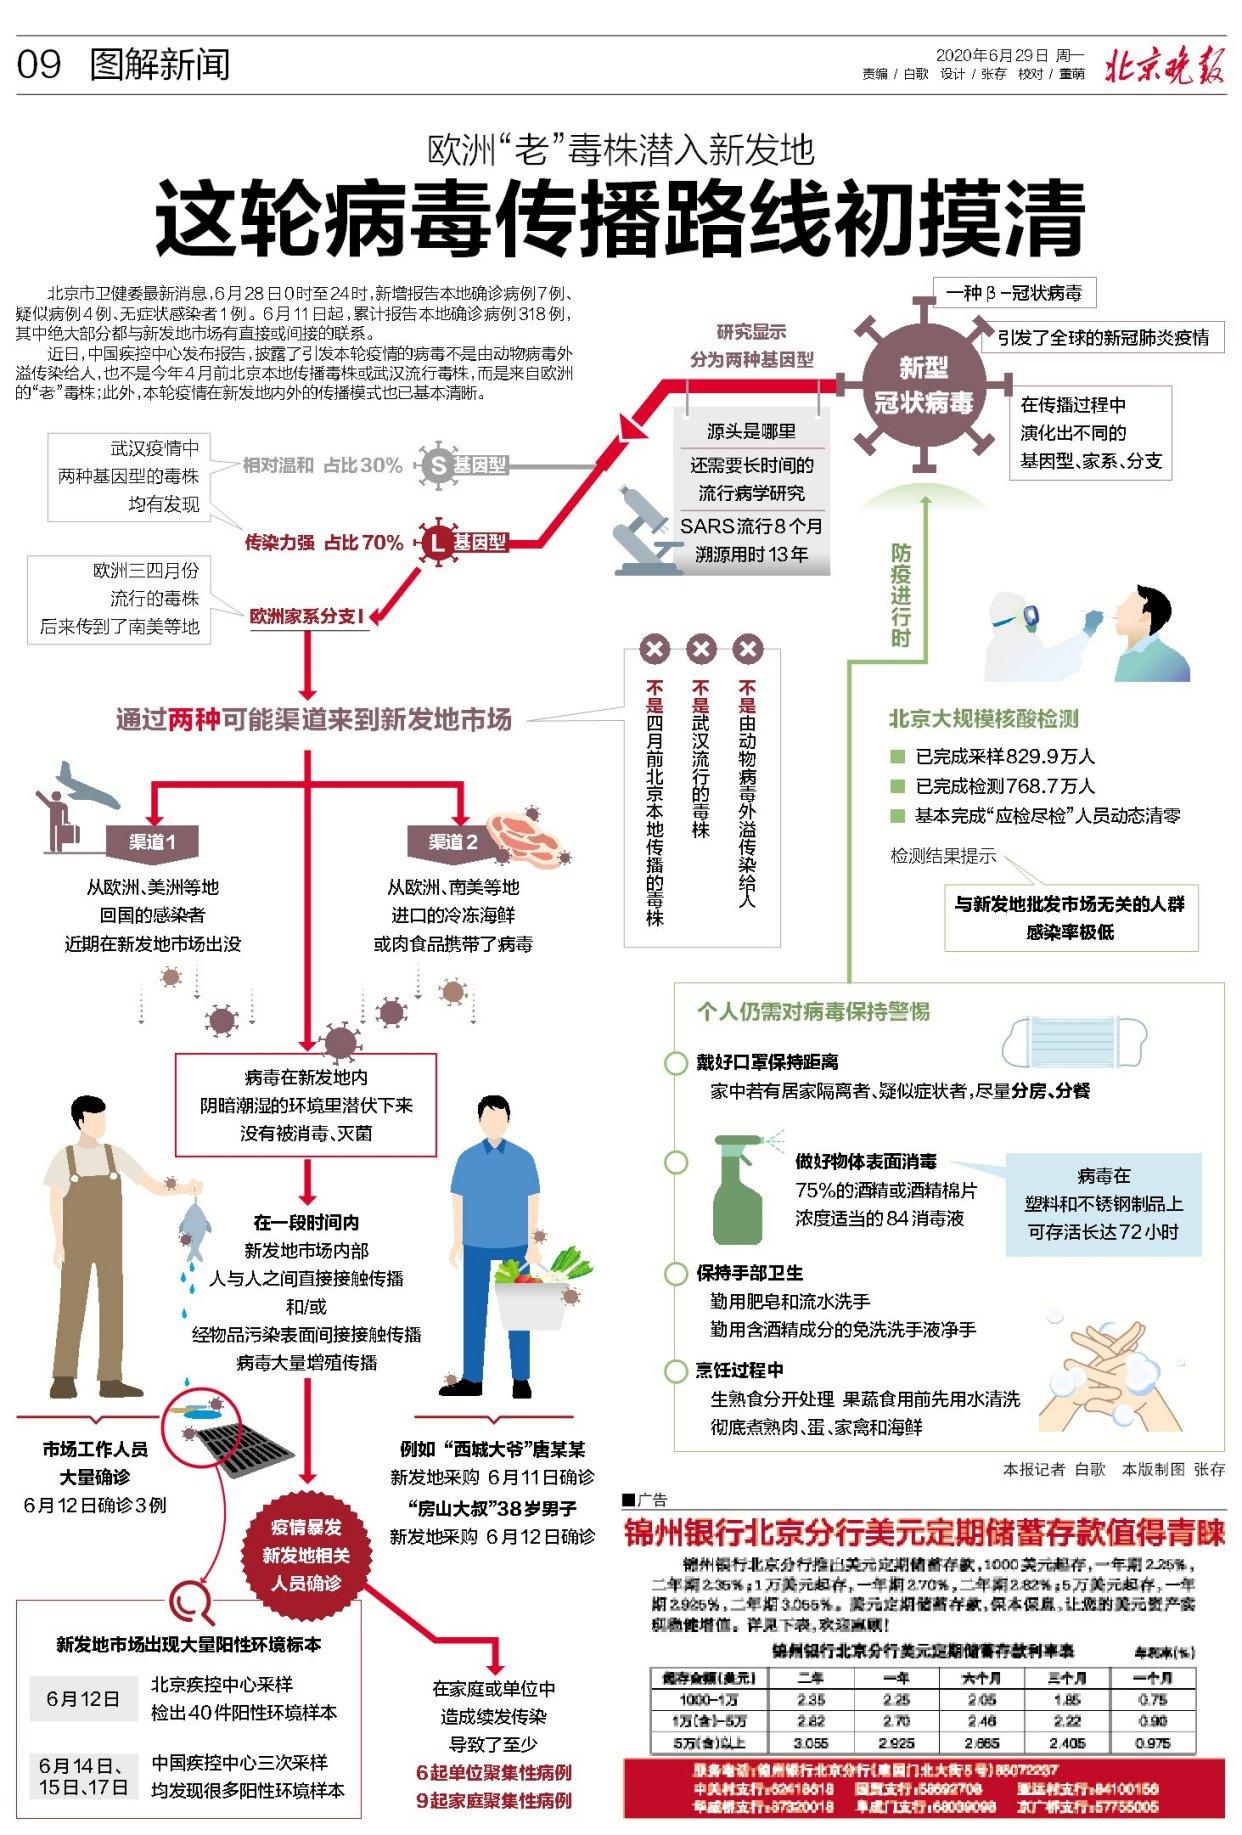 [摩天测速]潜入北京新发地这轮病毒传播路摩天测速线图片